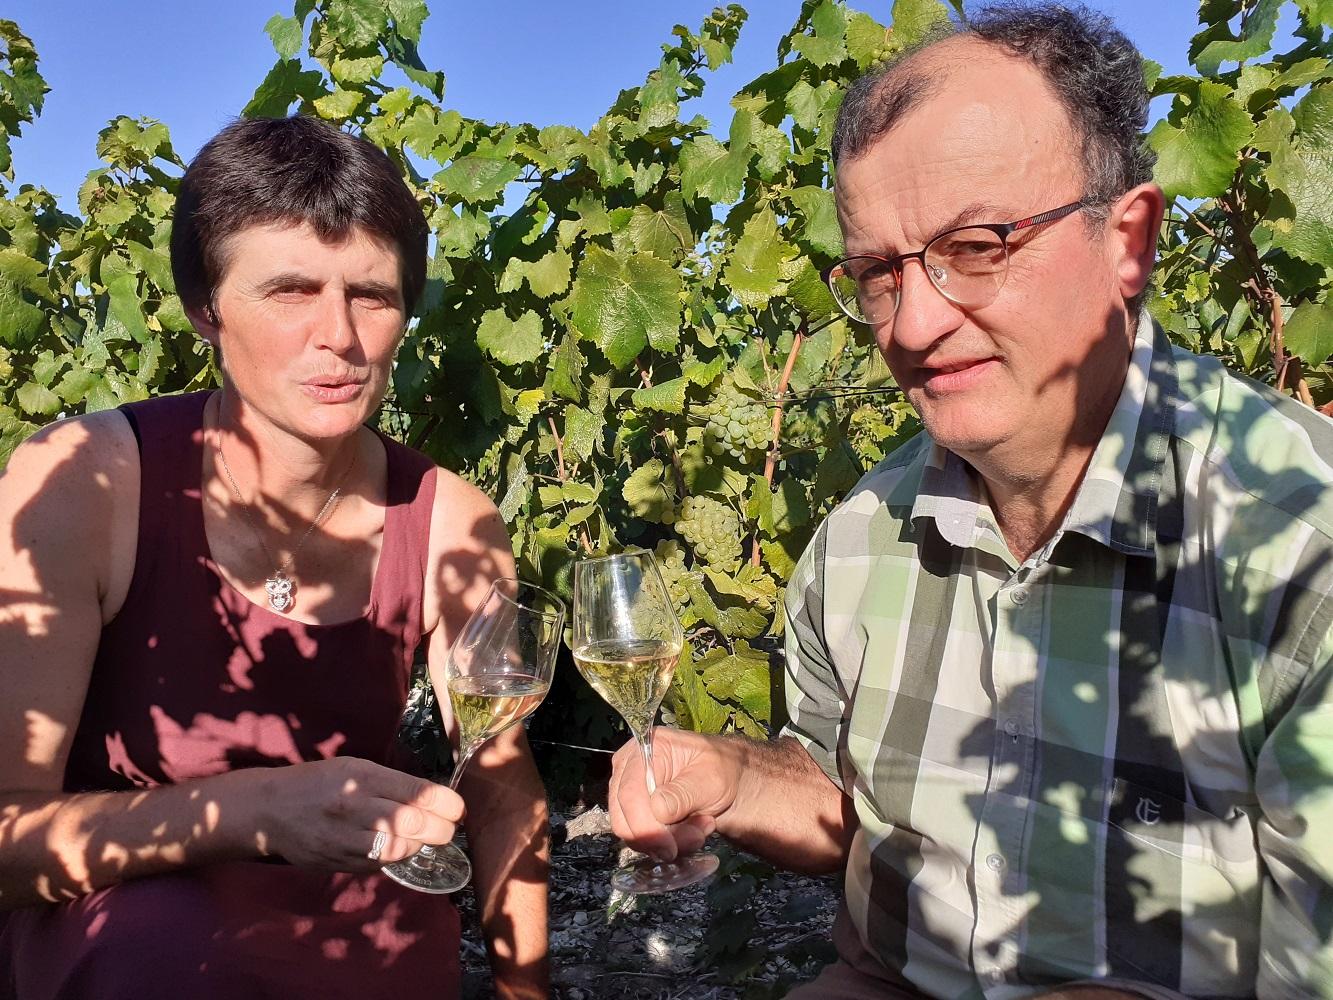 dégustation au milieu des vignes